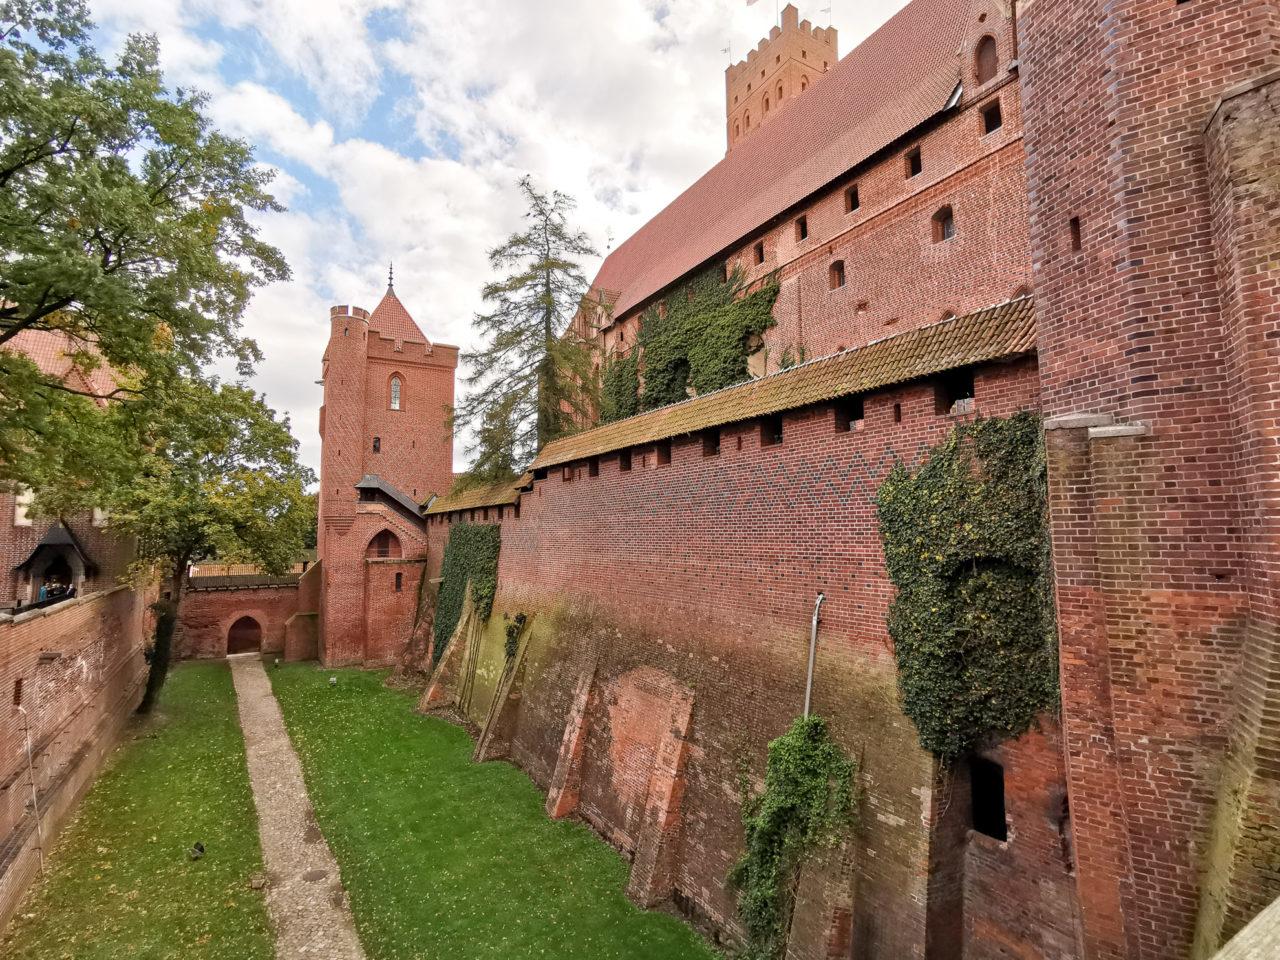 2020-10-09_13-37-47_Marienburg_IMG_20201009_133744-1600